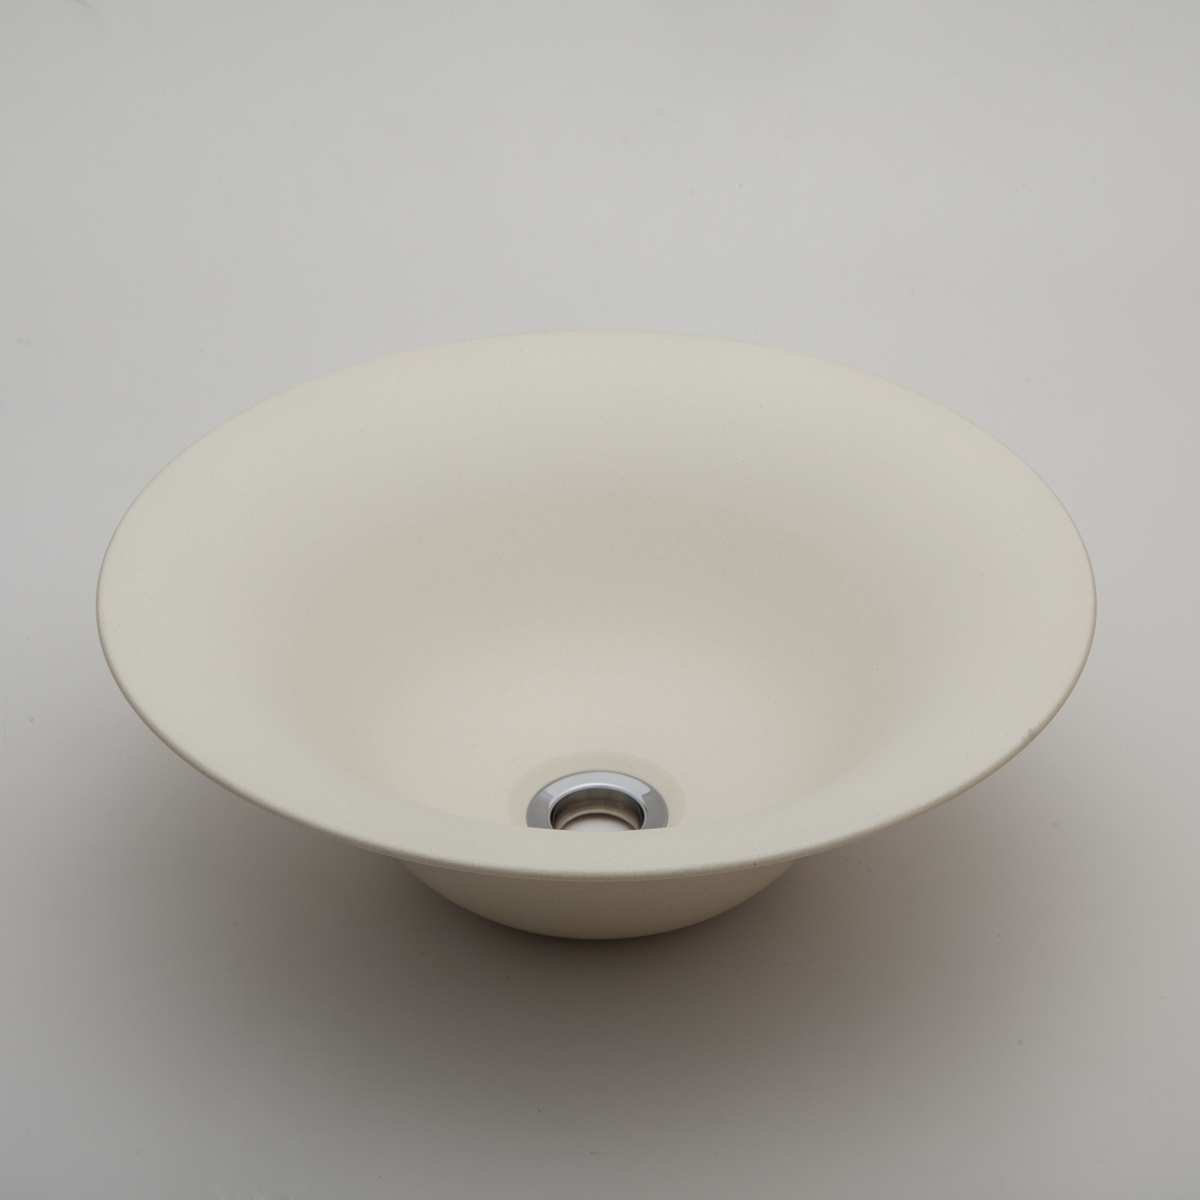 『カード対応OK!』###リラインス 置き型手洗器【LSM4-NE】(練色) (手洗器のみ) モノクロームシリーズ φ326 受注約2週間